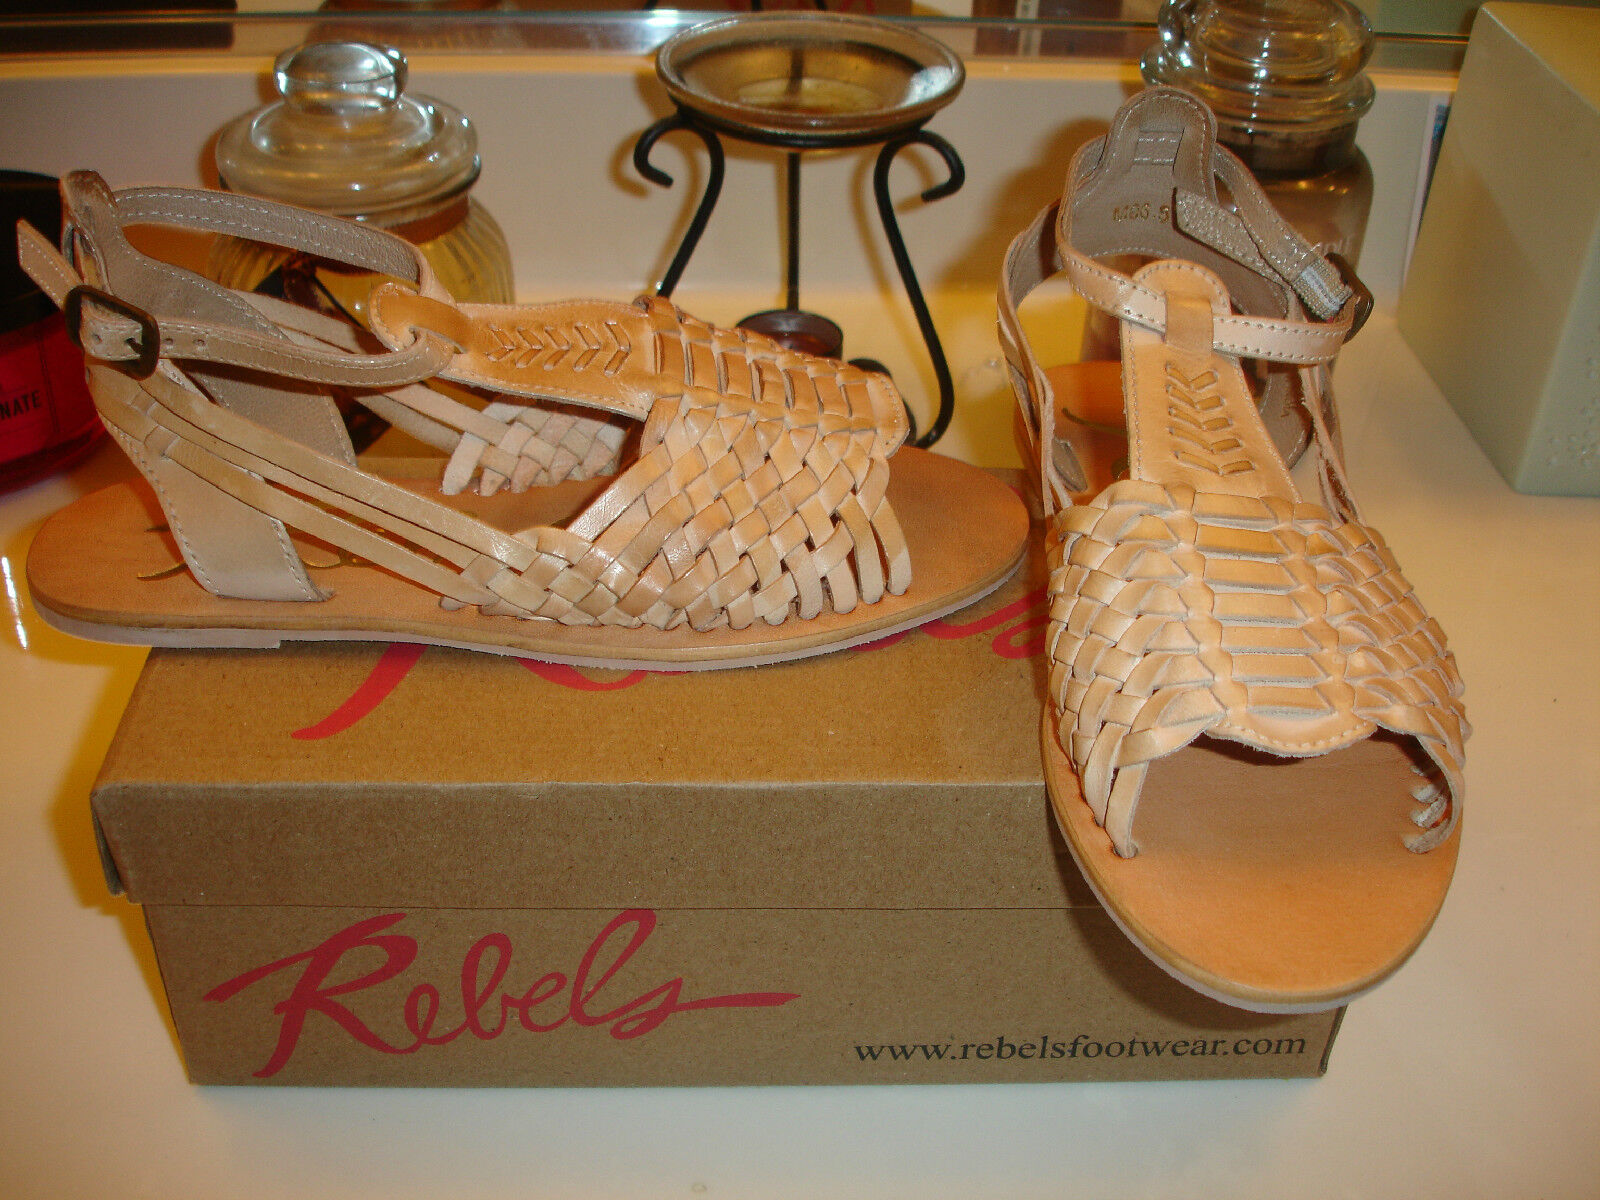 Rebels Nadia 2 Natural Tan Cuir Sandale Confort  85 6.5 7 7.5 8 8.5 9 10 NICE